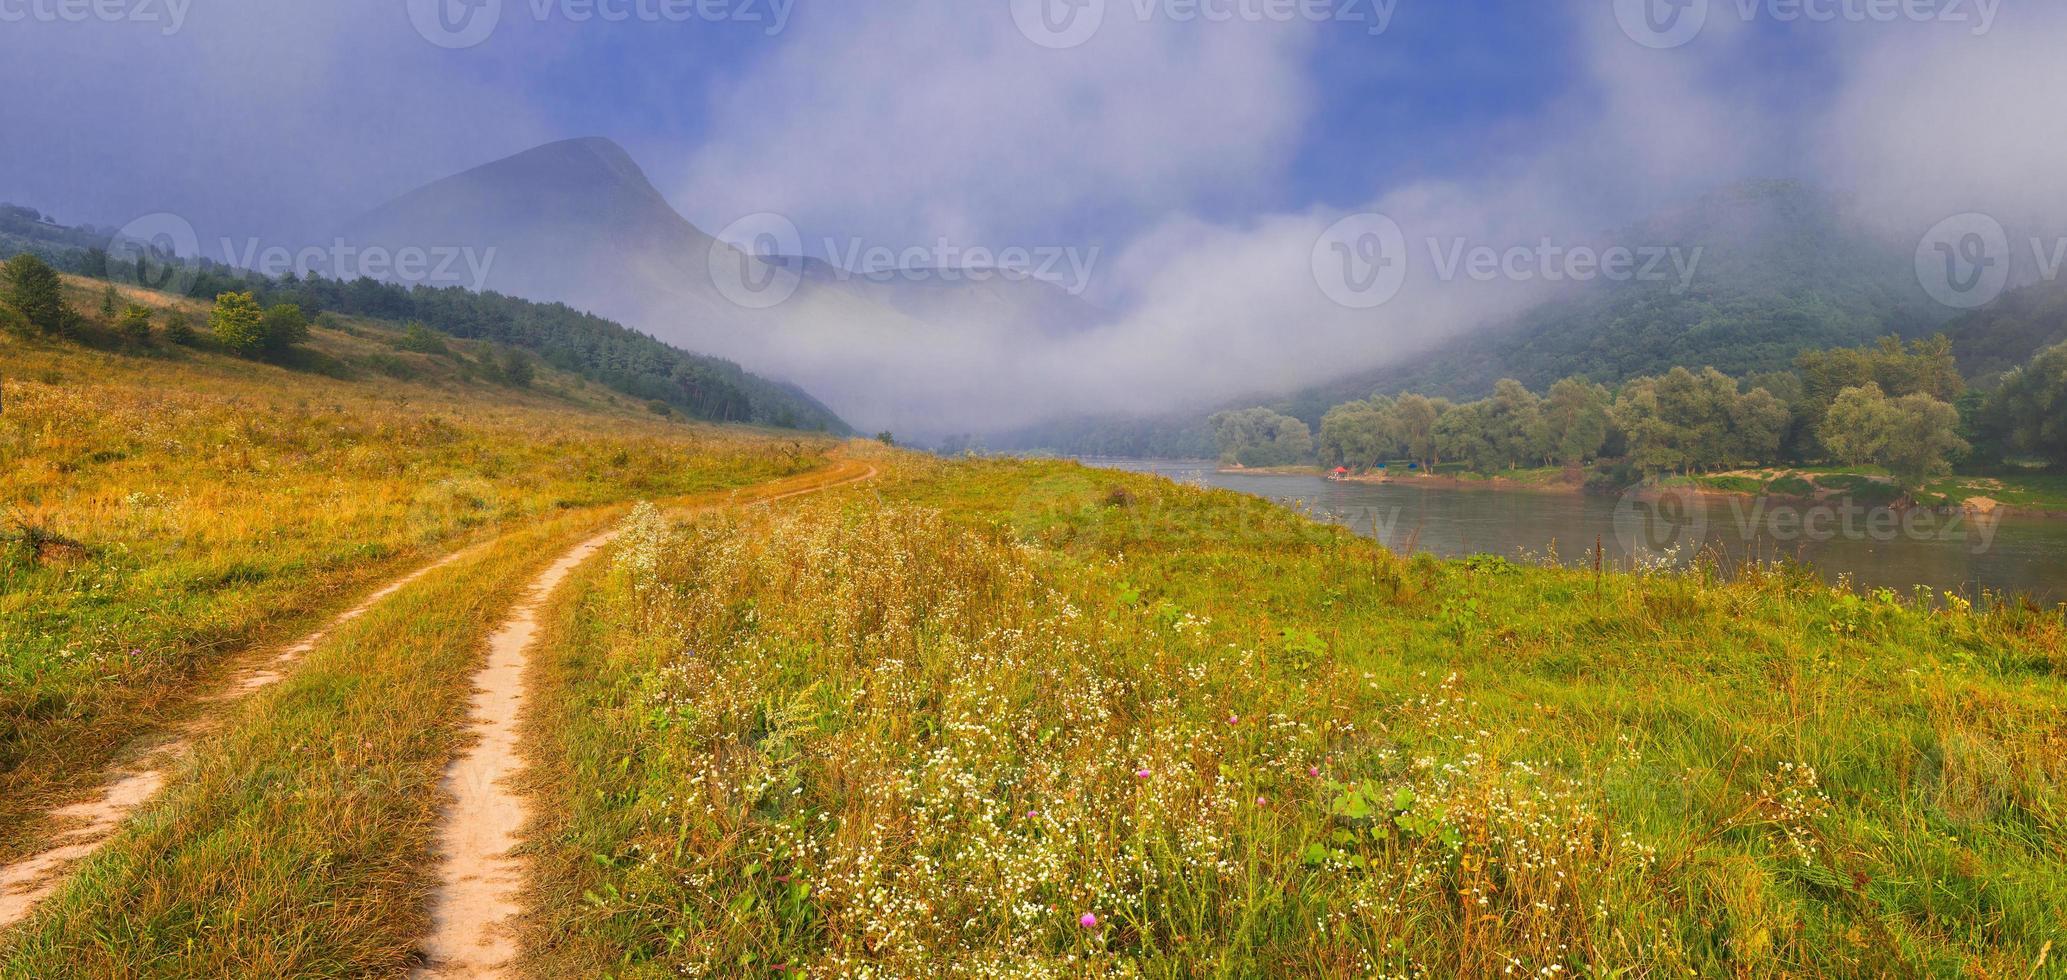 hermoso paisaje de verano con río en las montañas. amanecer foto